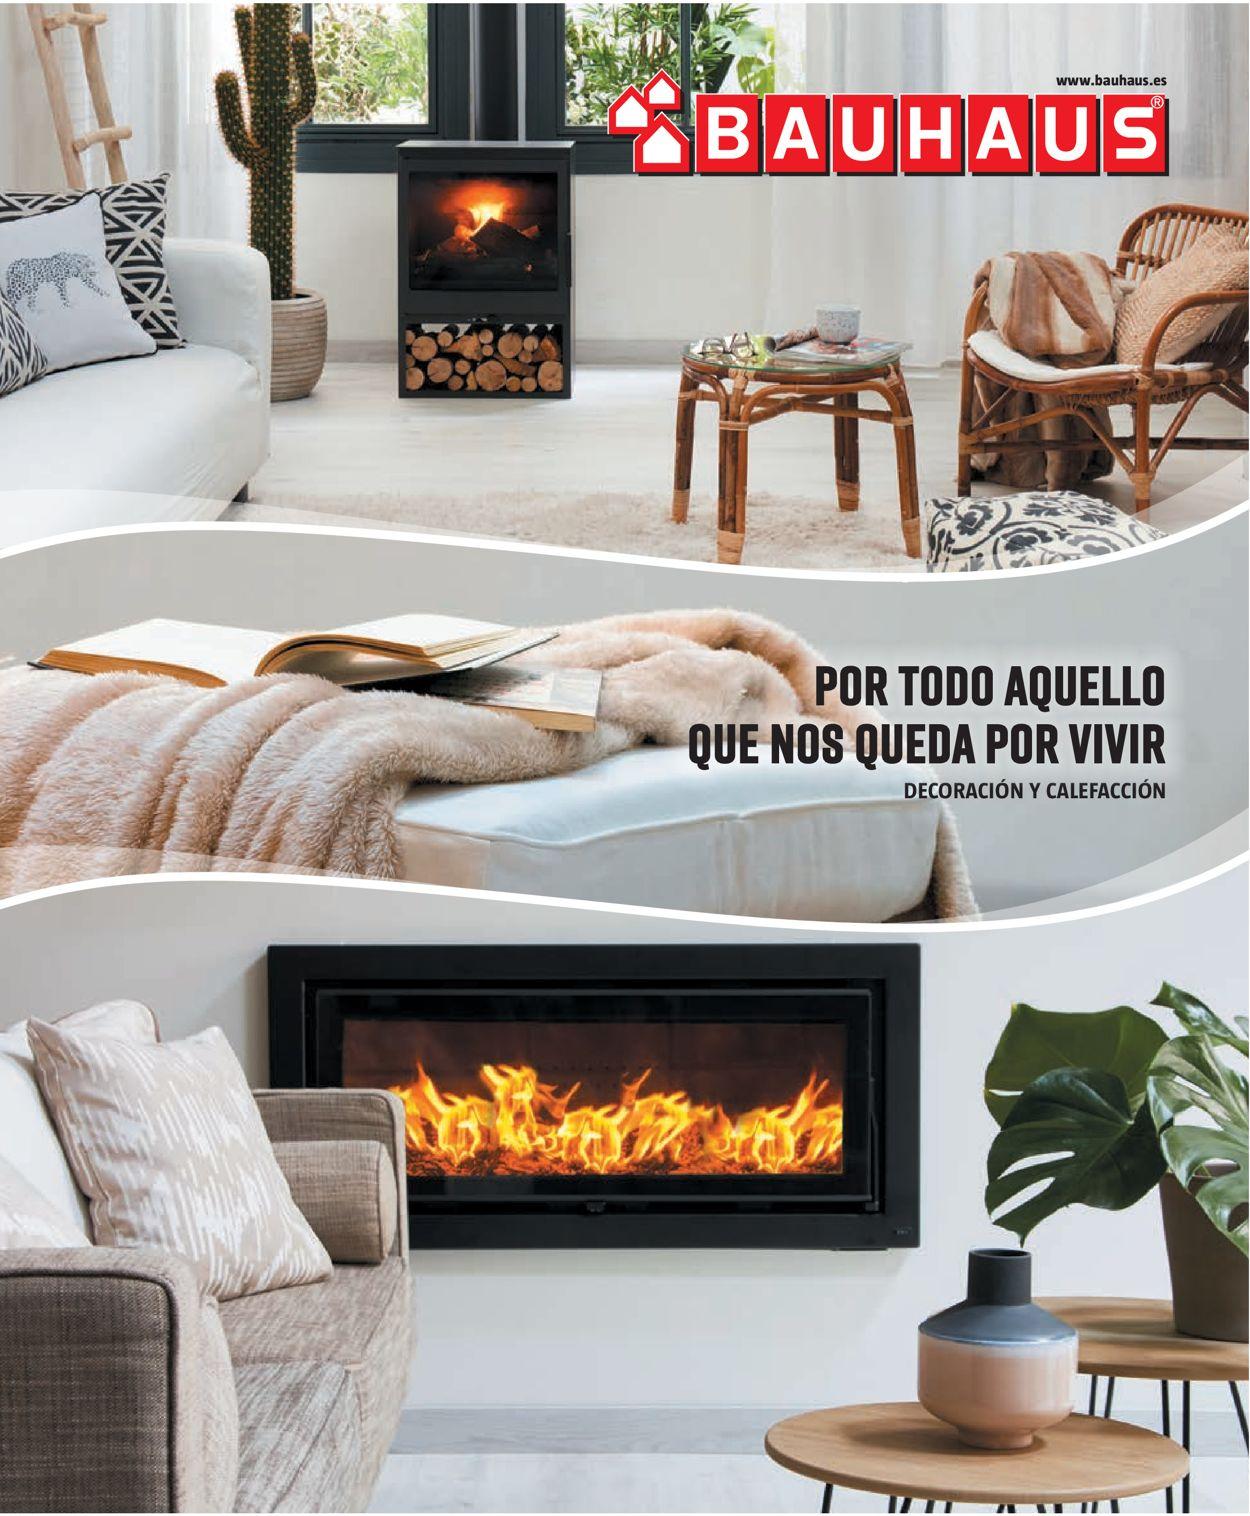 Bauhaus Folleto - 11.10-29.10.2019